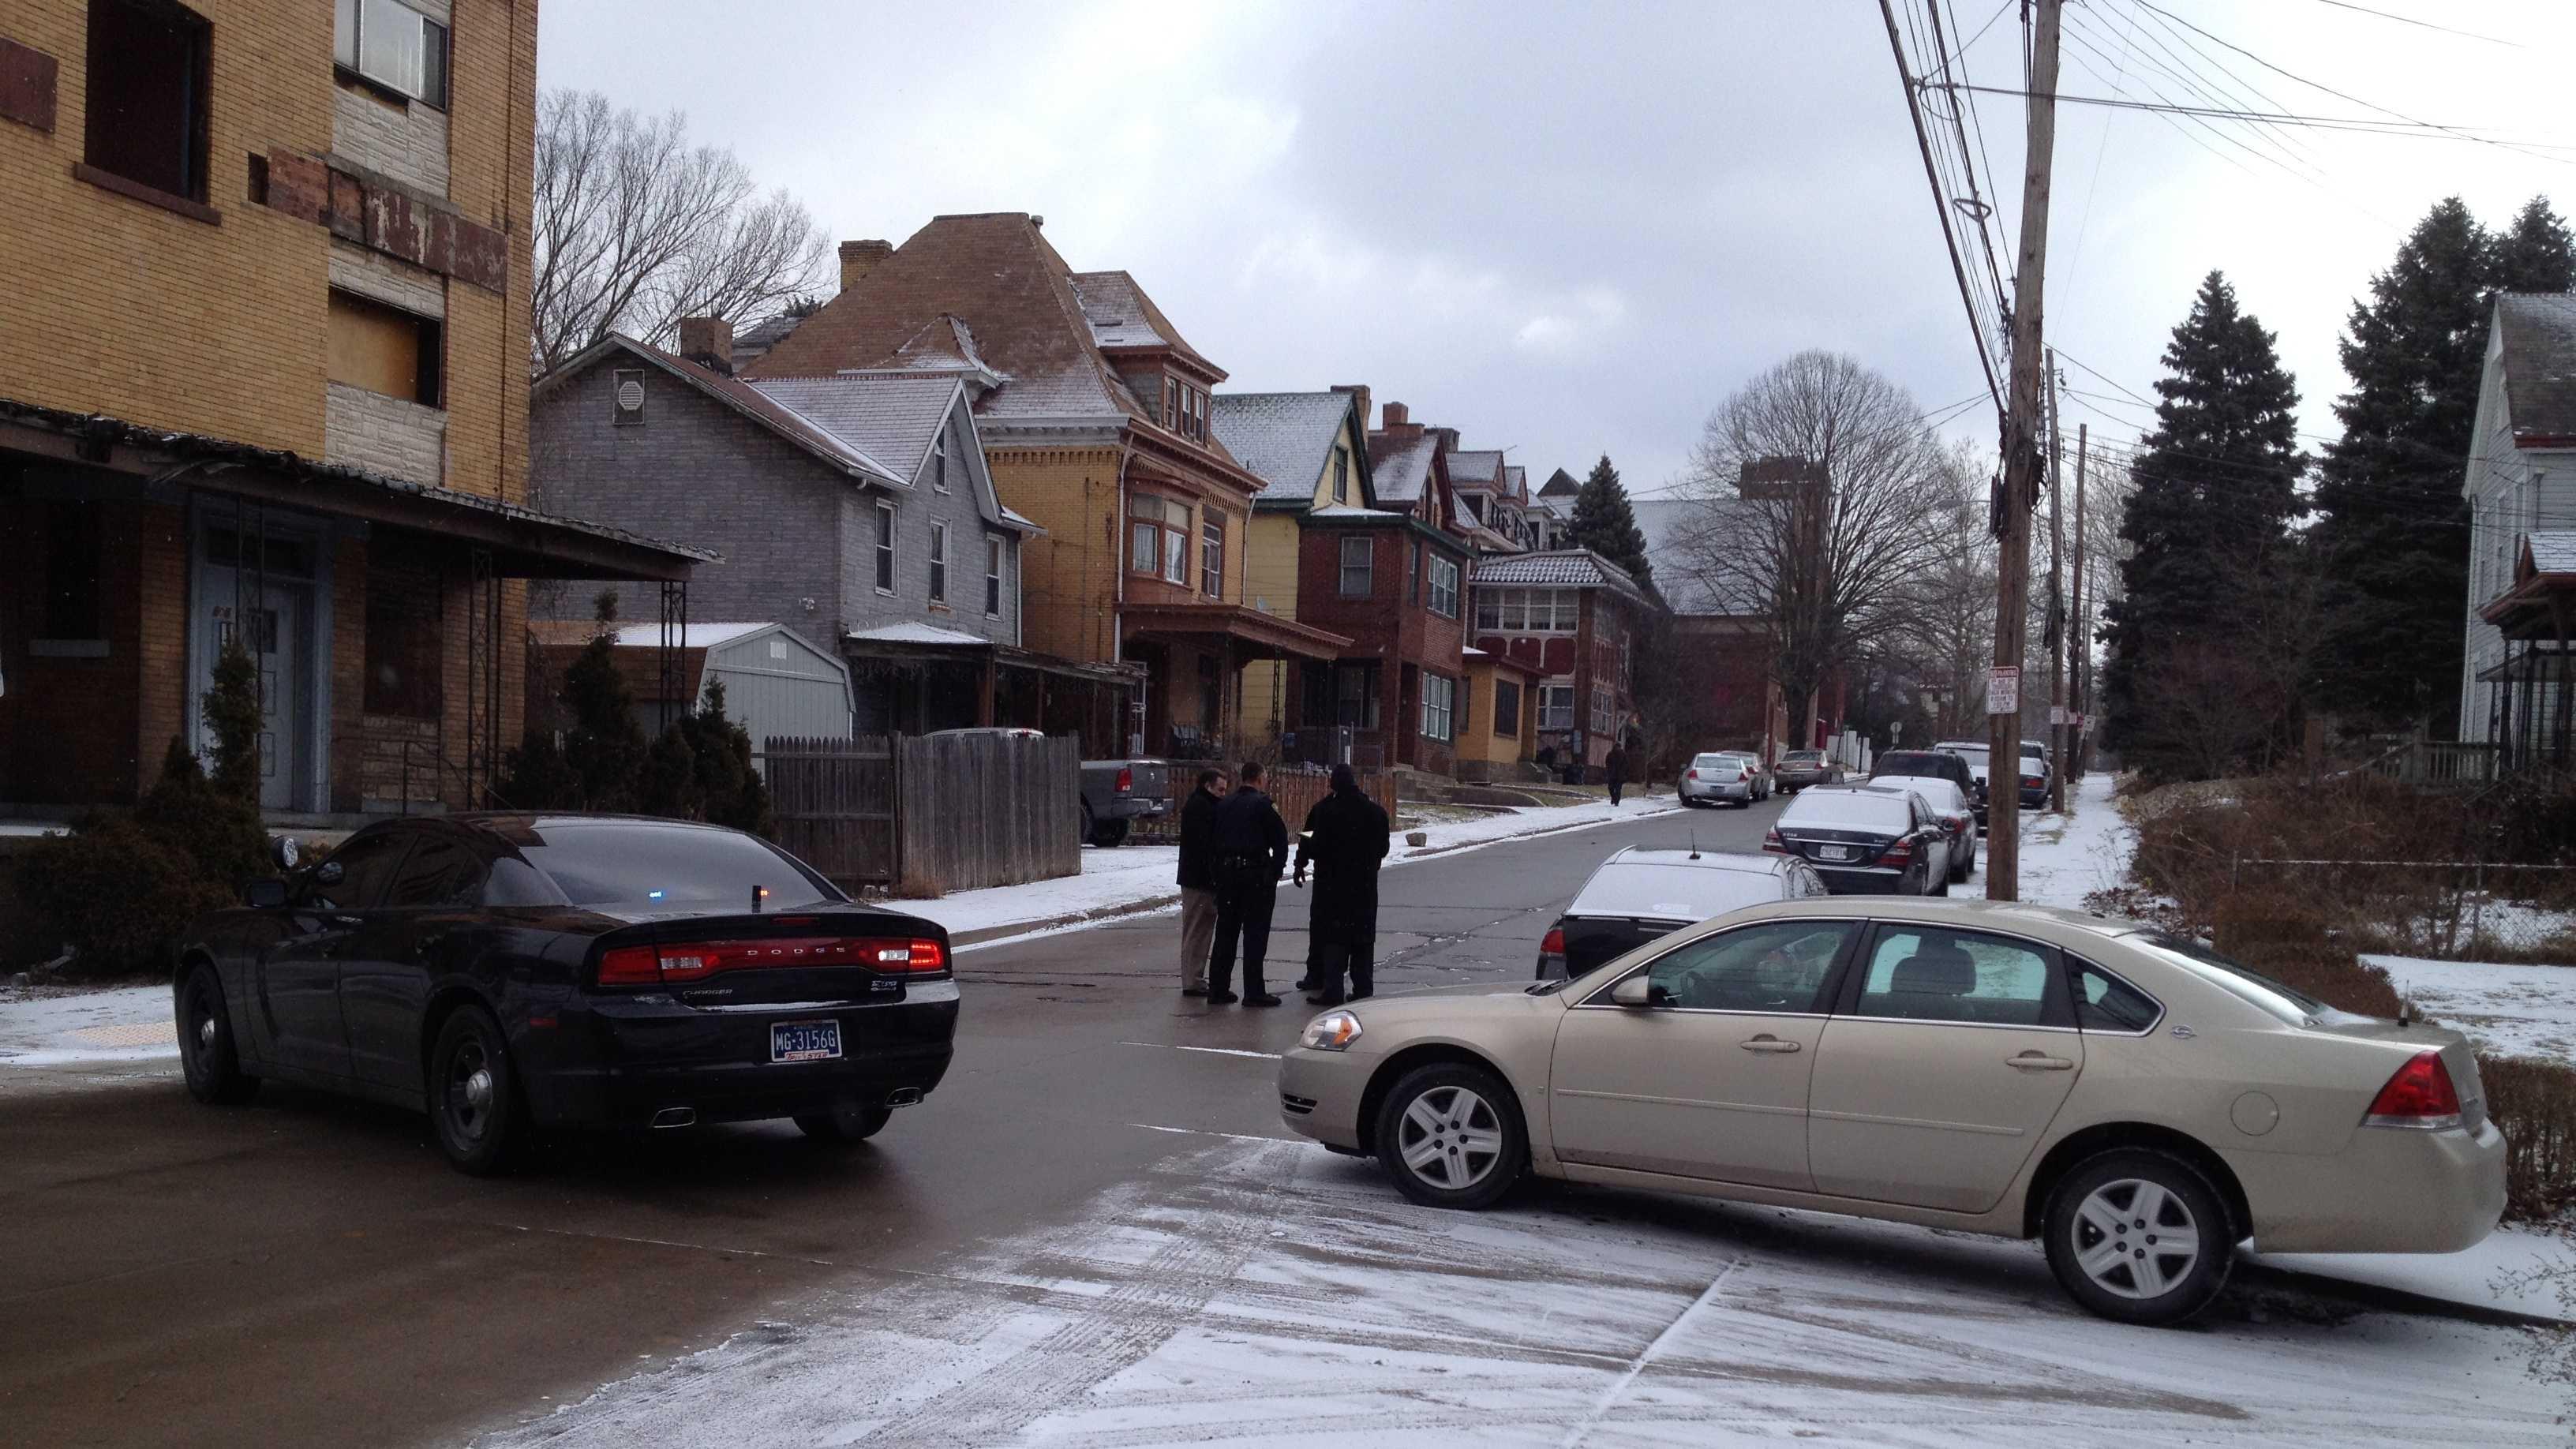 Wilkinsburg police activity